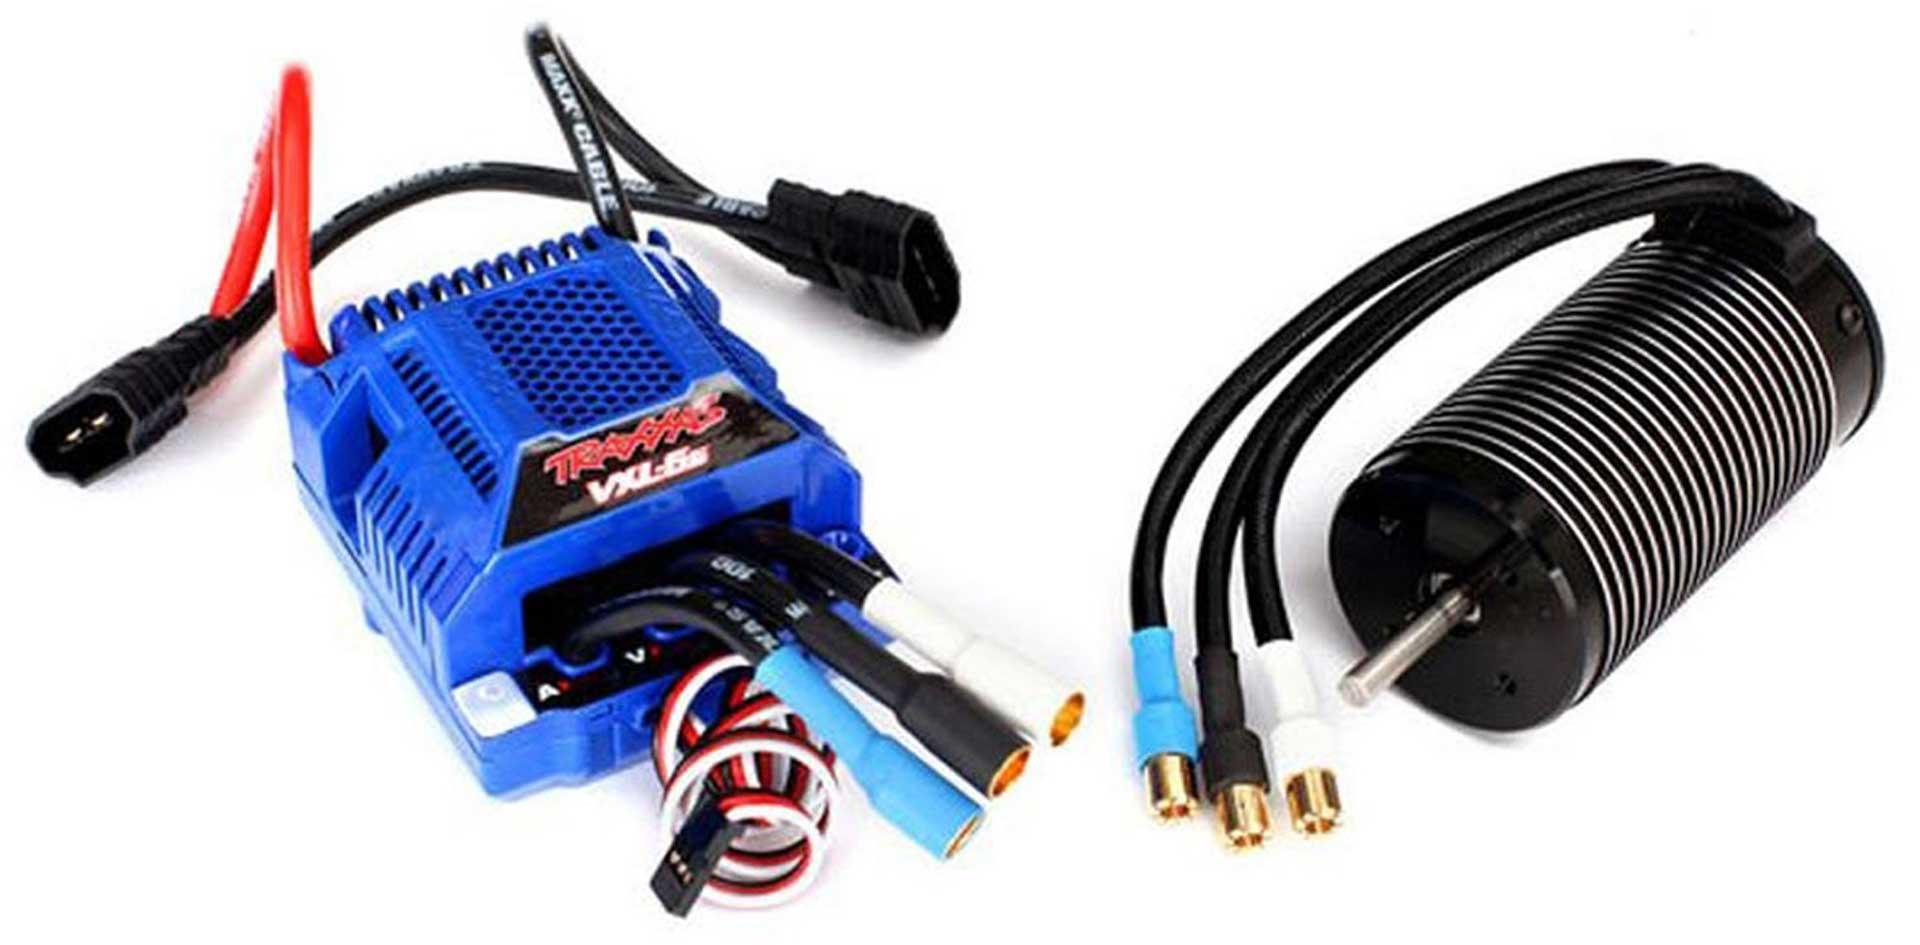 TRAXXAS Velineon VXL-6s Brushless Power System